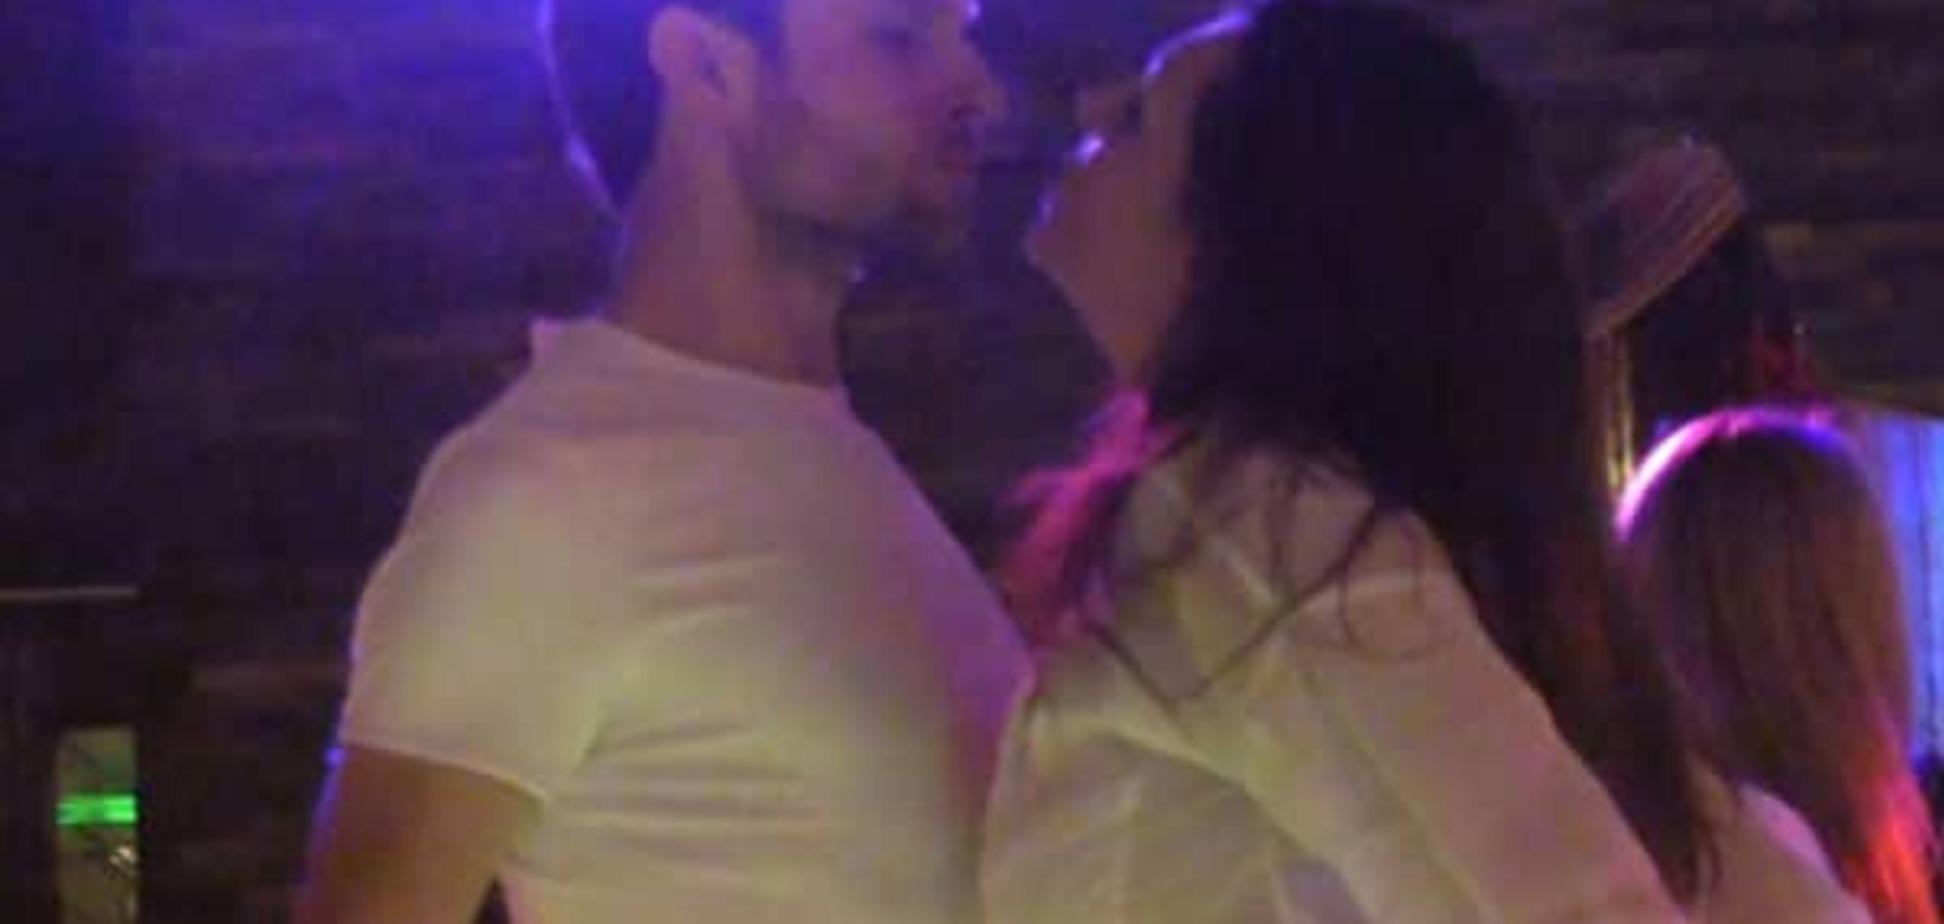 Наталью Бочкареву застукали за поцелуями с женатым звездой 'Глухаря': видеофакт